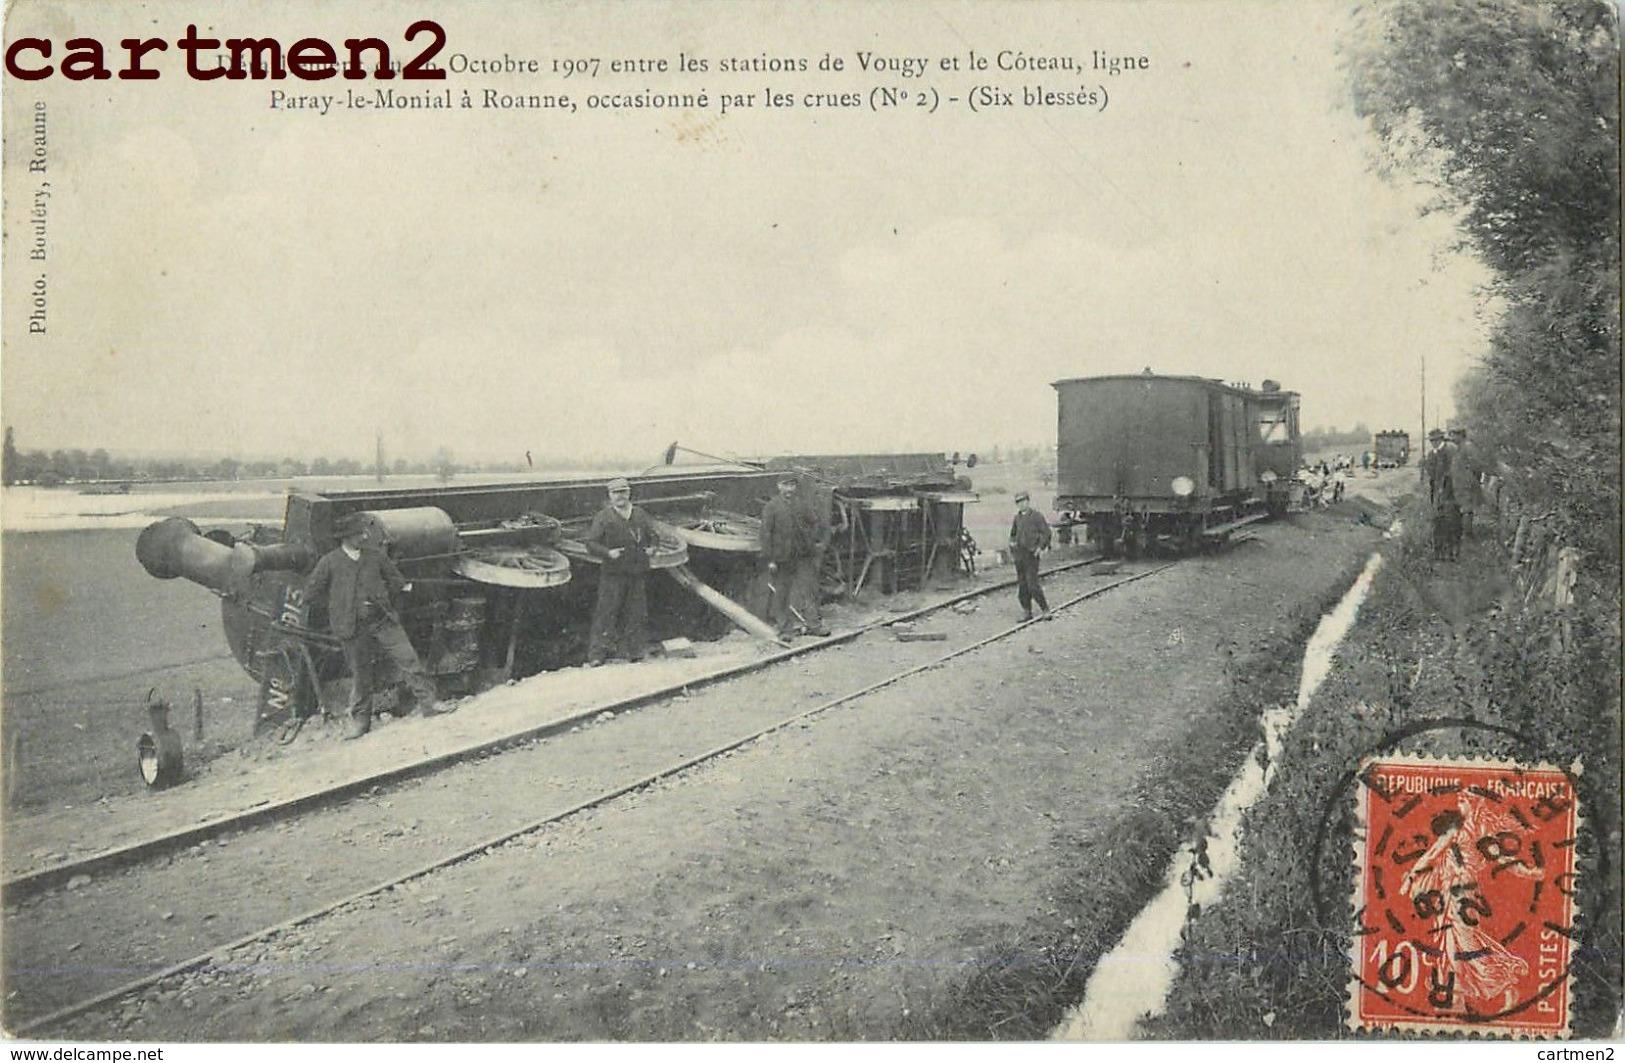 ROANNE PARAY-LE-MONIAL DERAILLEMENT ENTR LES STATIONS DE VOUGY ET LE COTEAU TRAIN CHEMIN DE FER 42 - Roanne